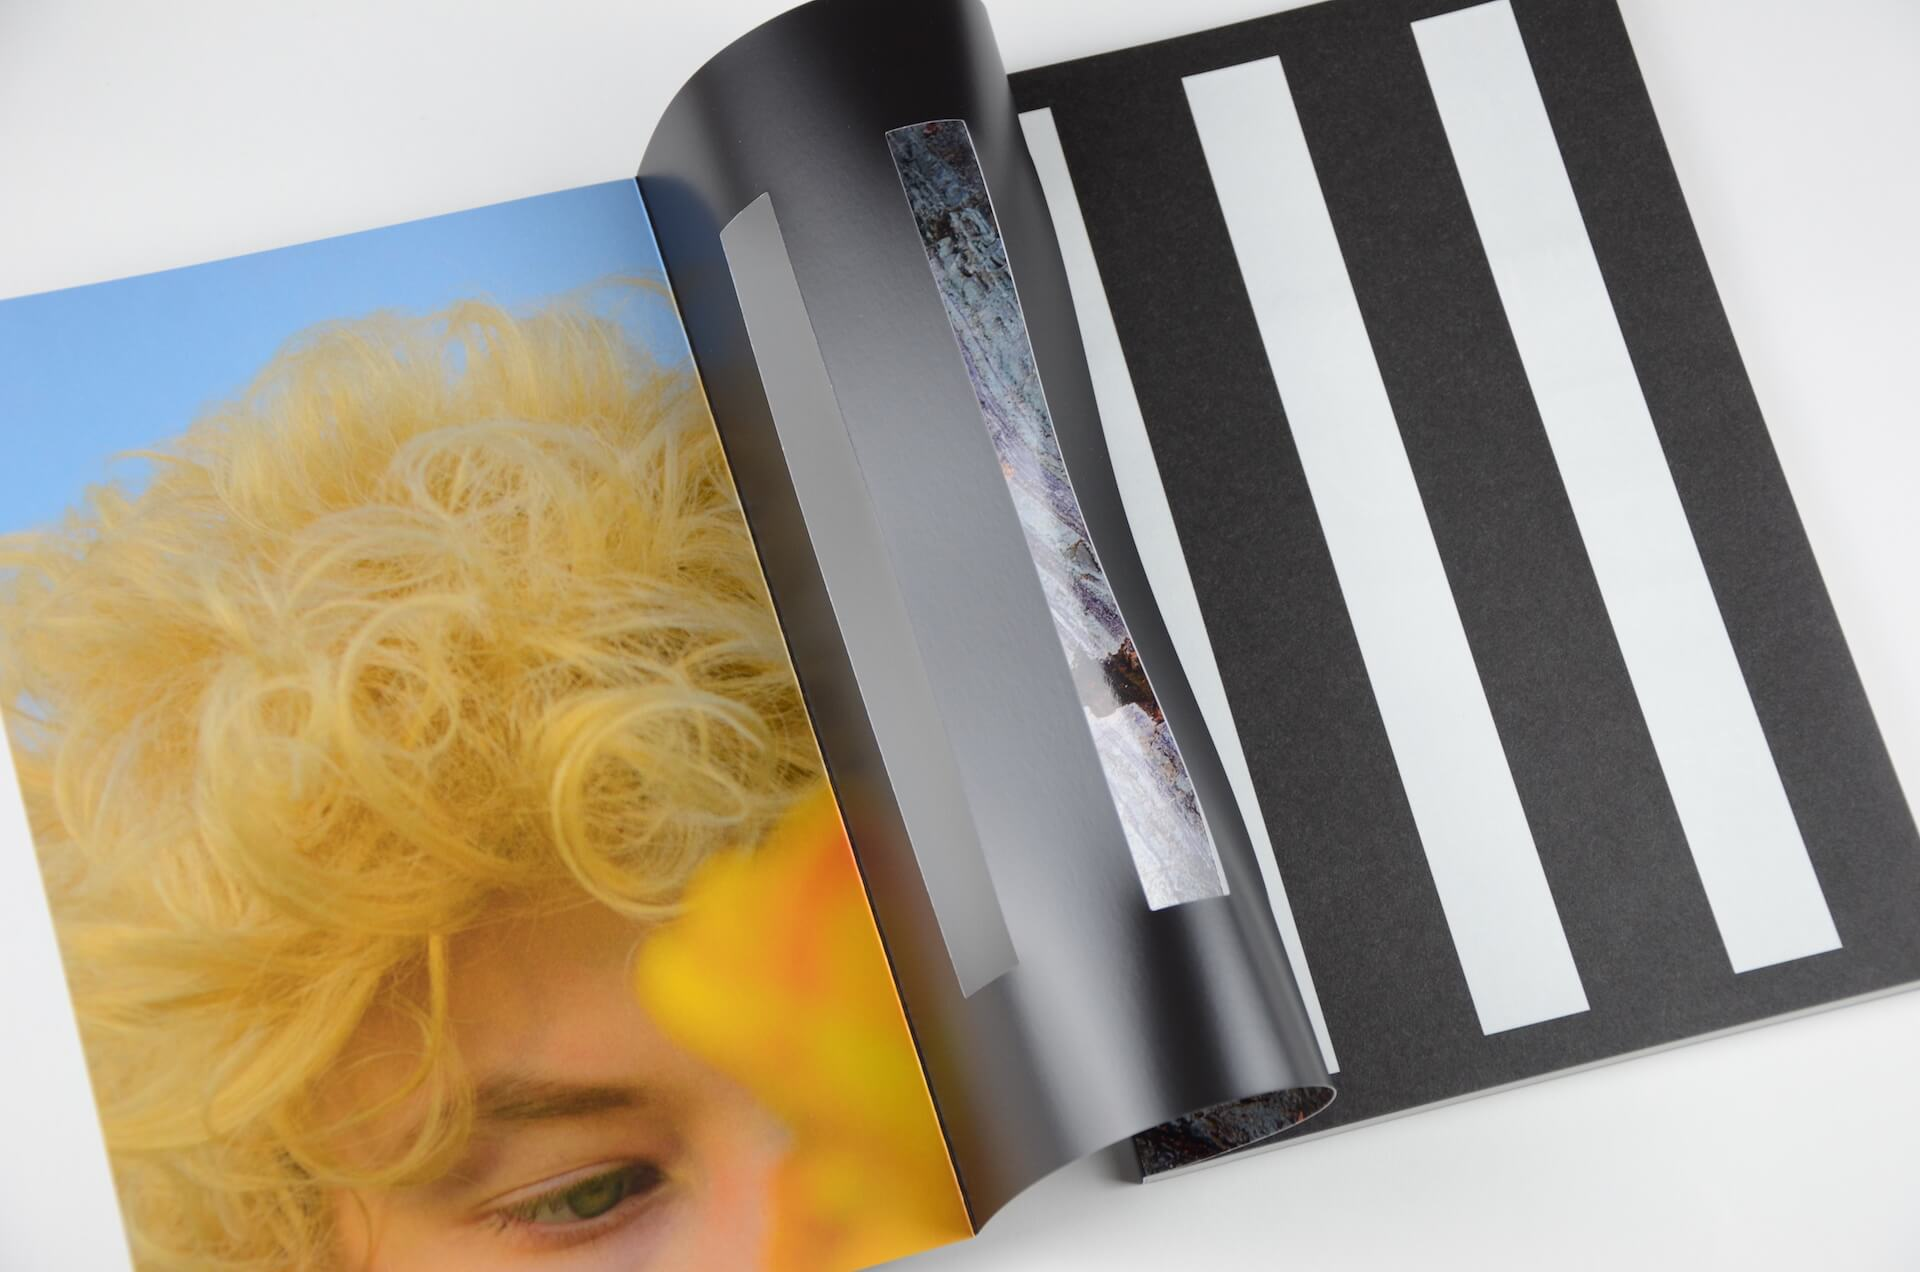 アートブックノススメ Qetic編集部が選ぶ5冊/Davide Sorrenti 他 art210322_artbook-019